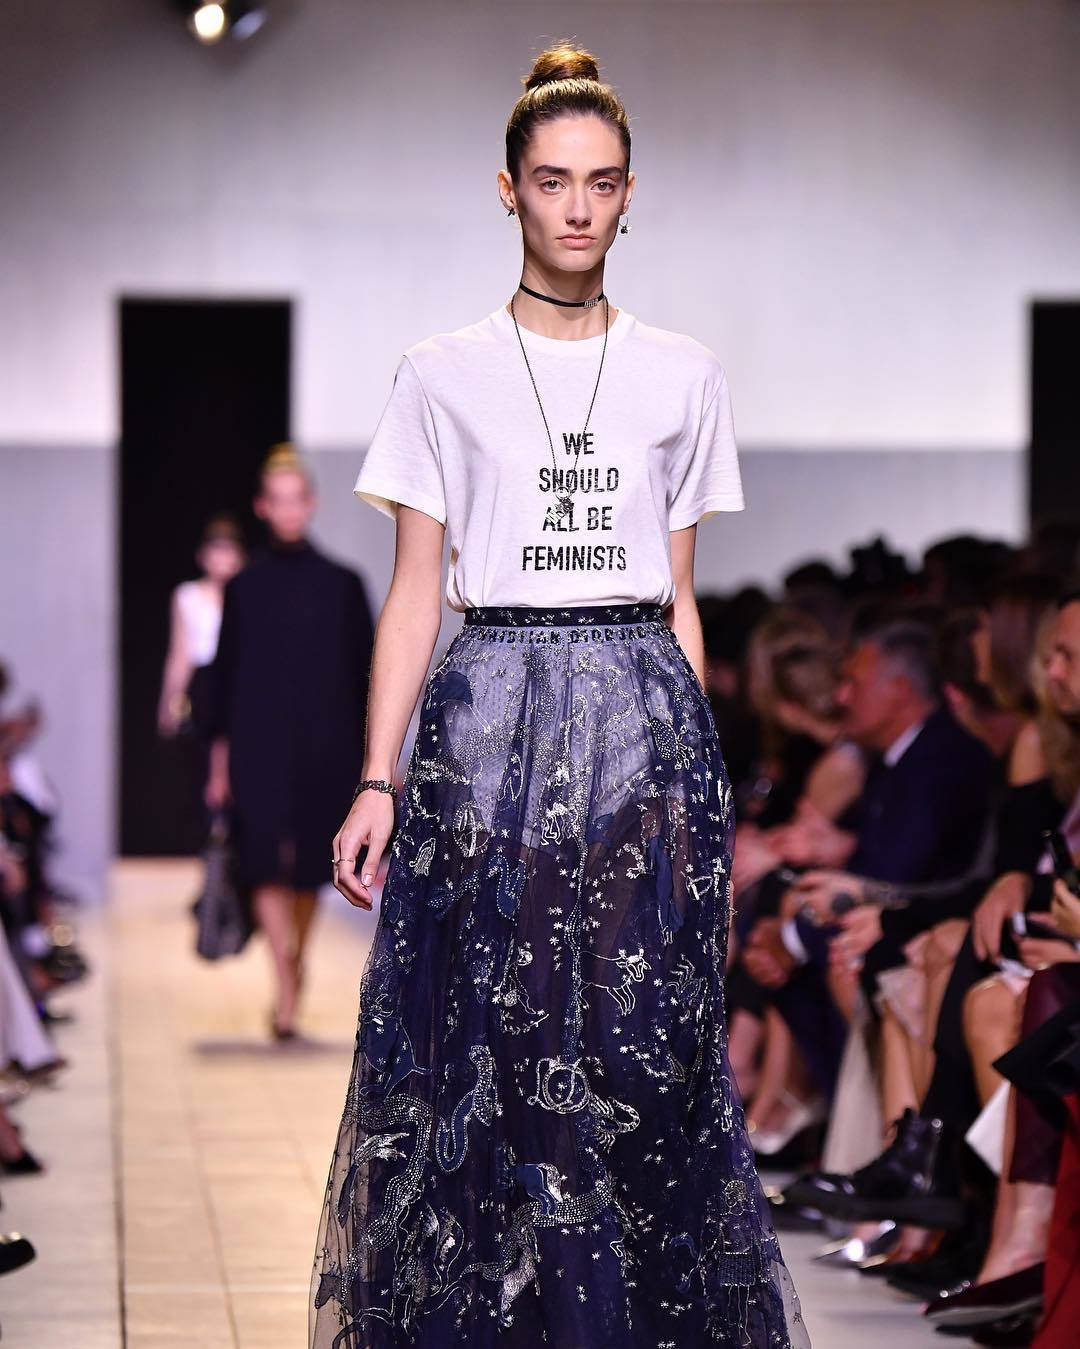 We should all be feminists, se lee en una camiseta de la colección...